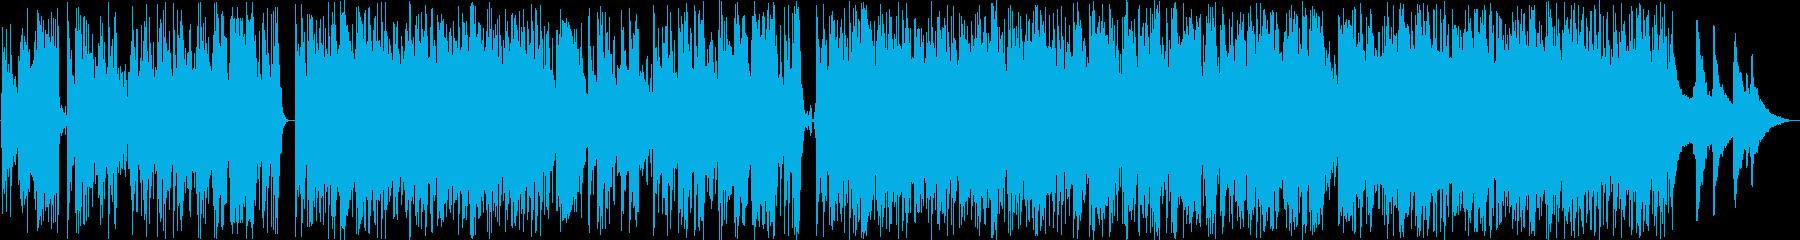 切ないバラードのクラシックギターの再生済みの波形